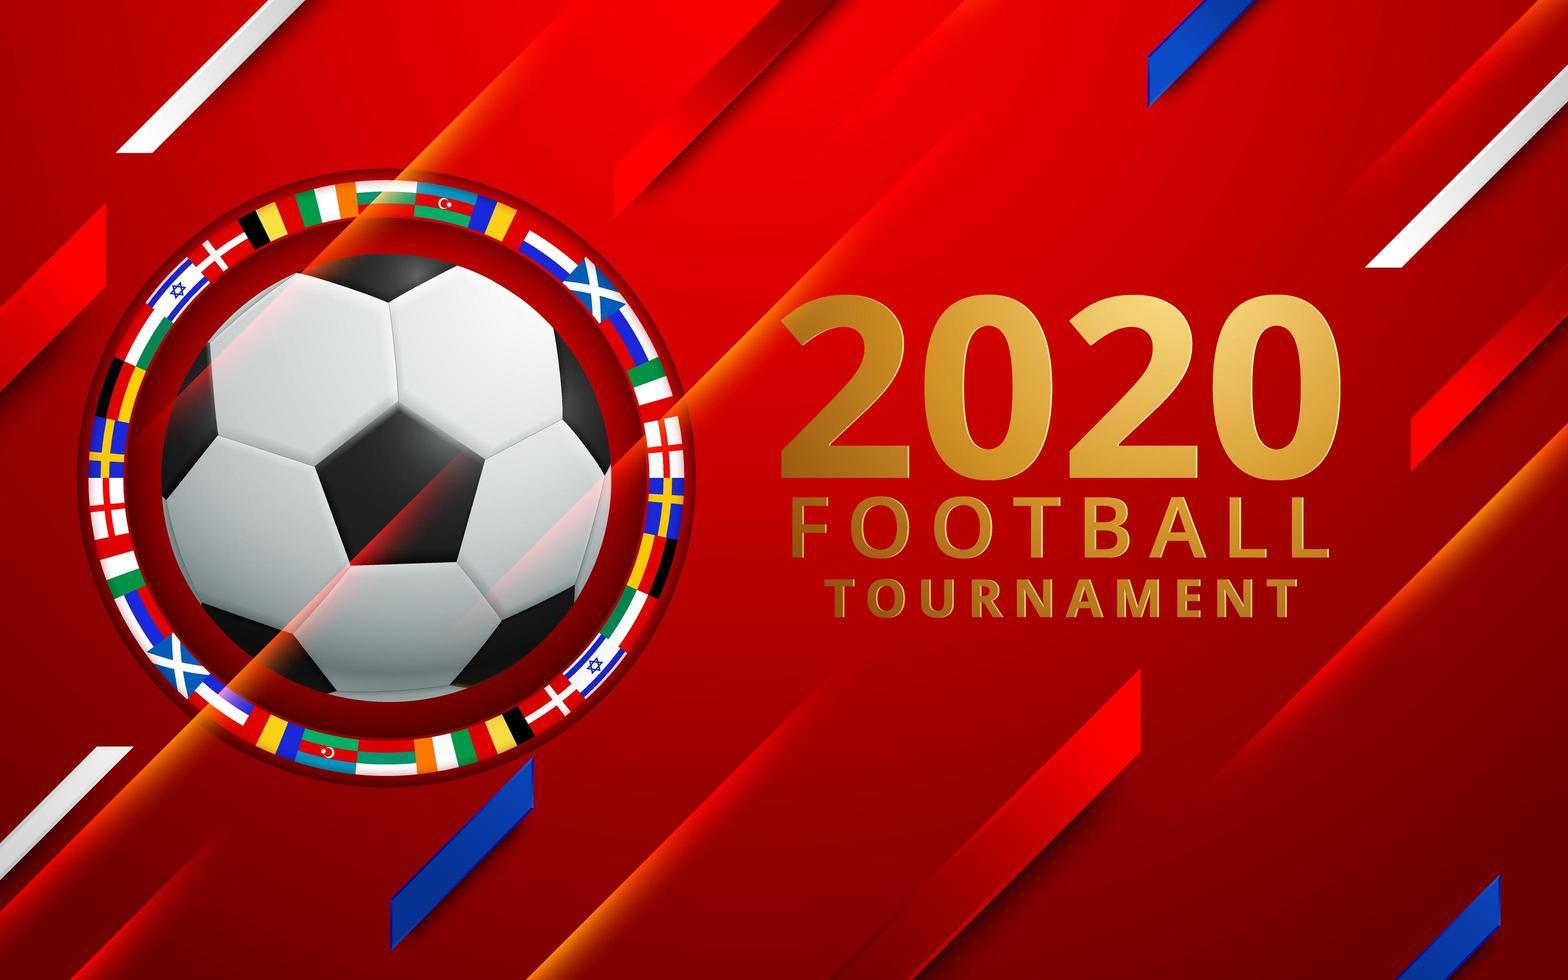 Tournoi de football 2020 avec cercle de drapeaux vecteur